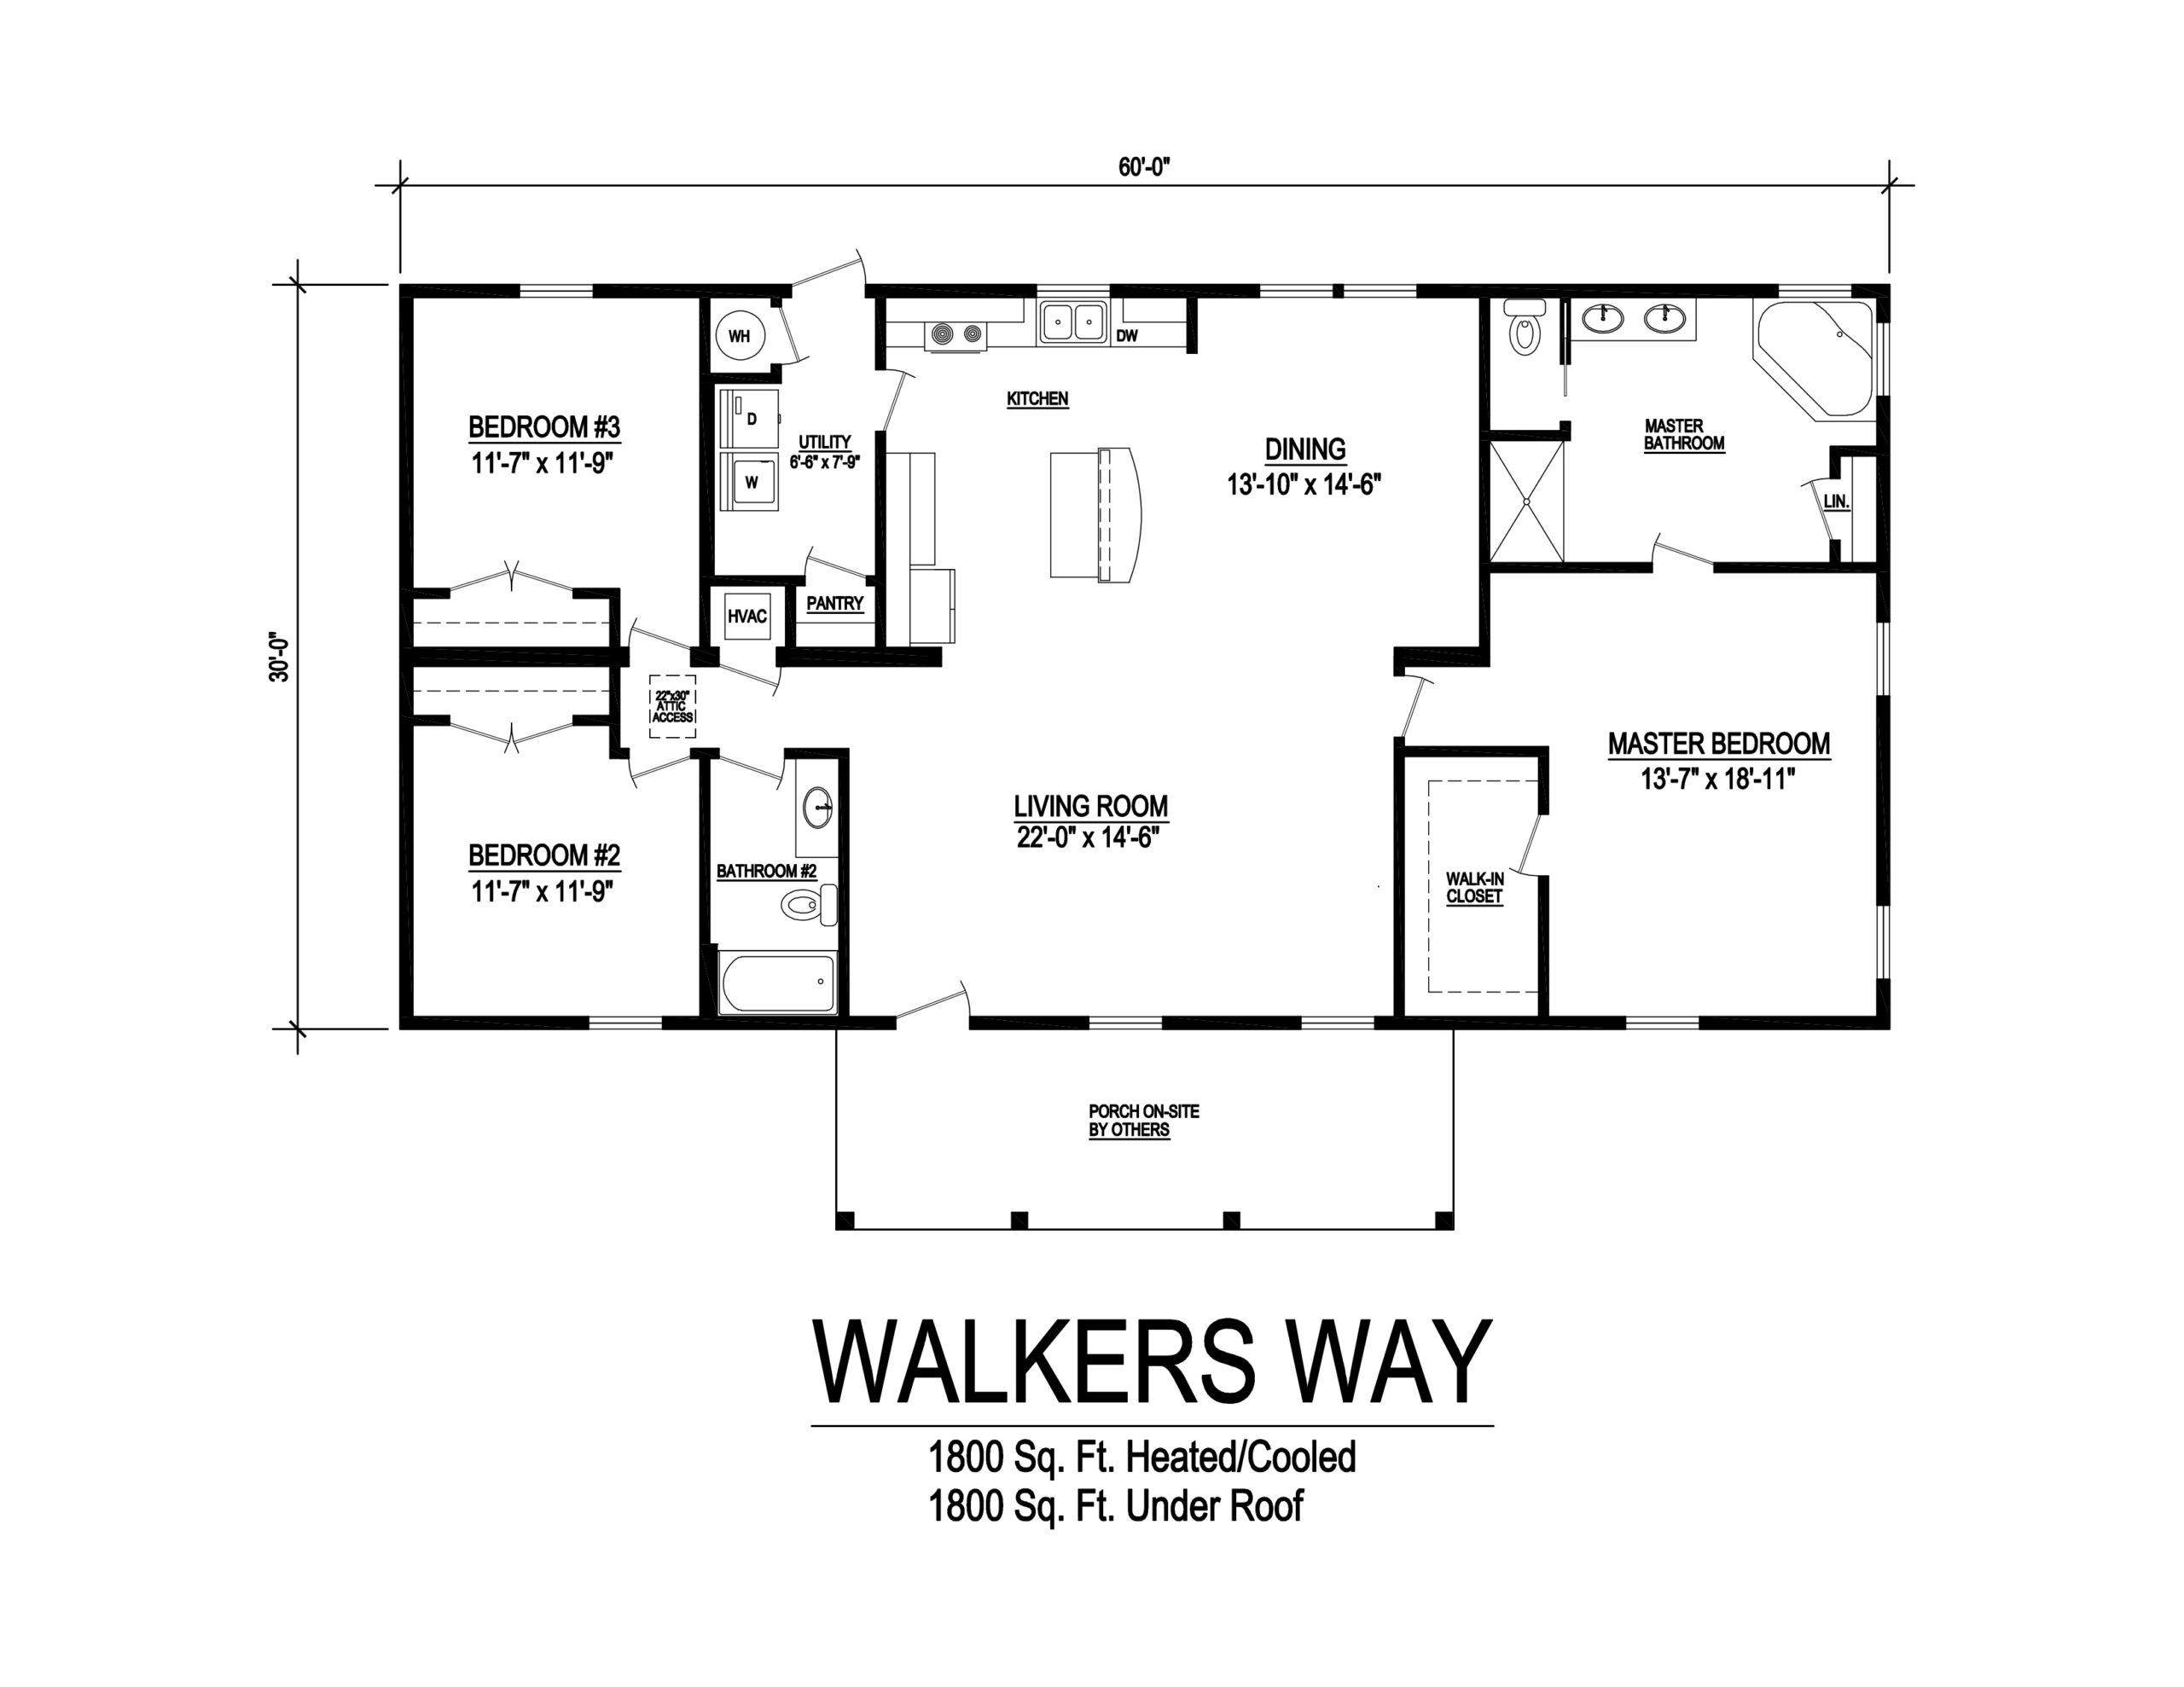 walkers way modular home floor plan